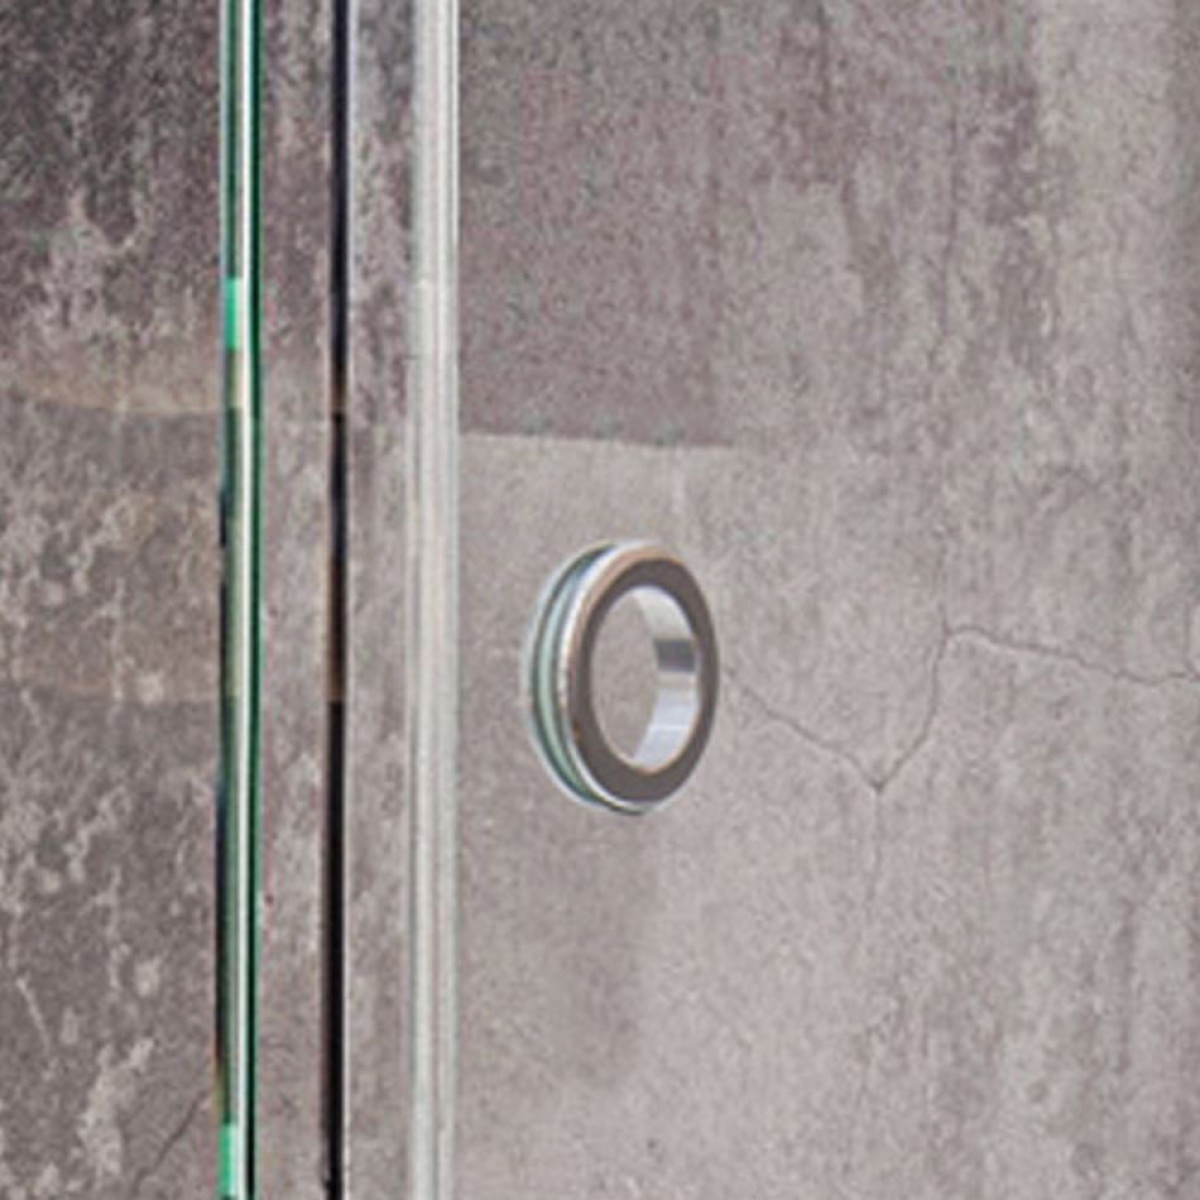 Roman Decemx Sliding Door 1200 X 900mm Corner Fitting With